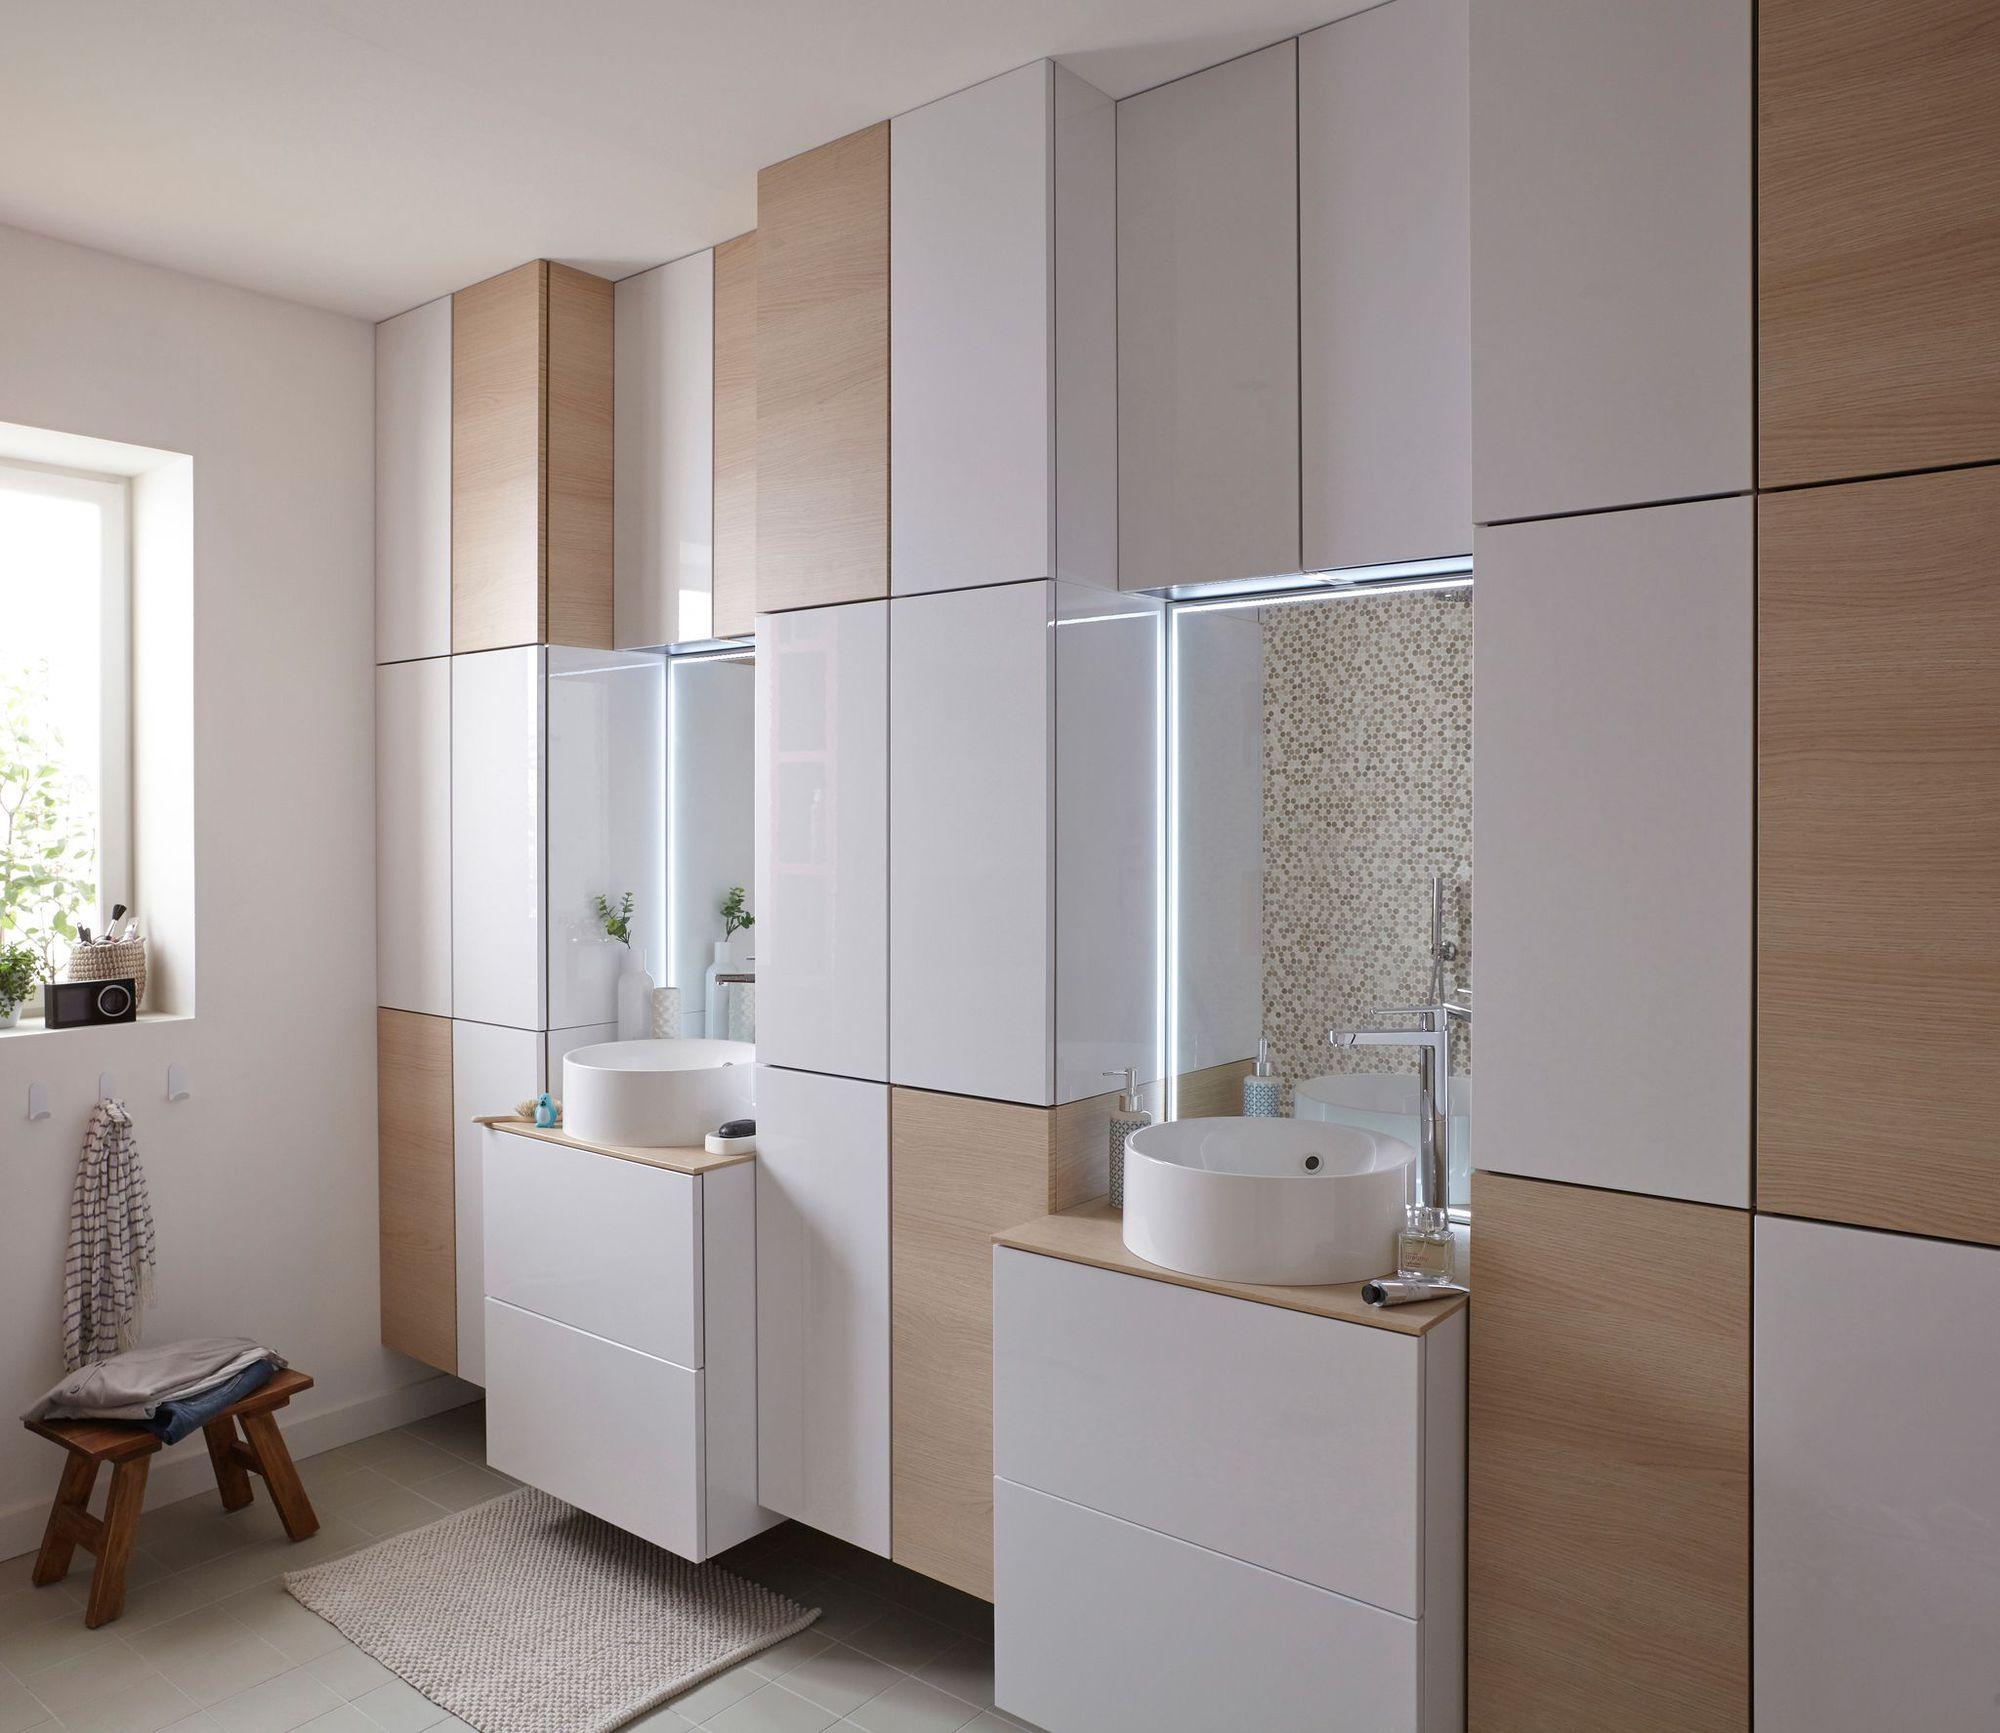 mur-de-rangement-salle-de-bains-leroy-merlin_Neo-Line